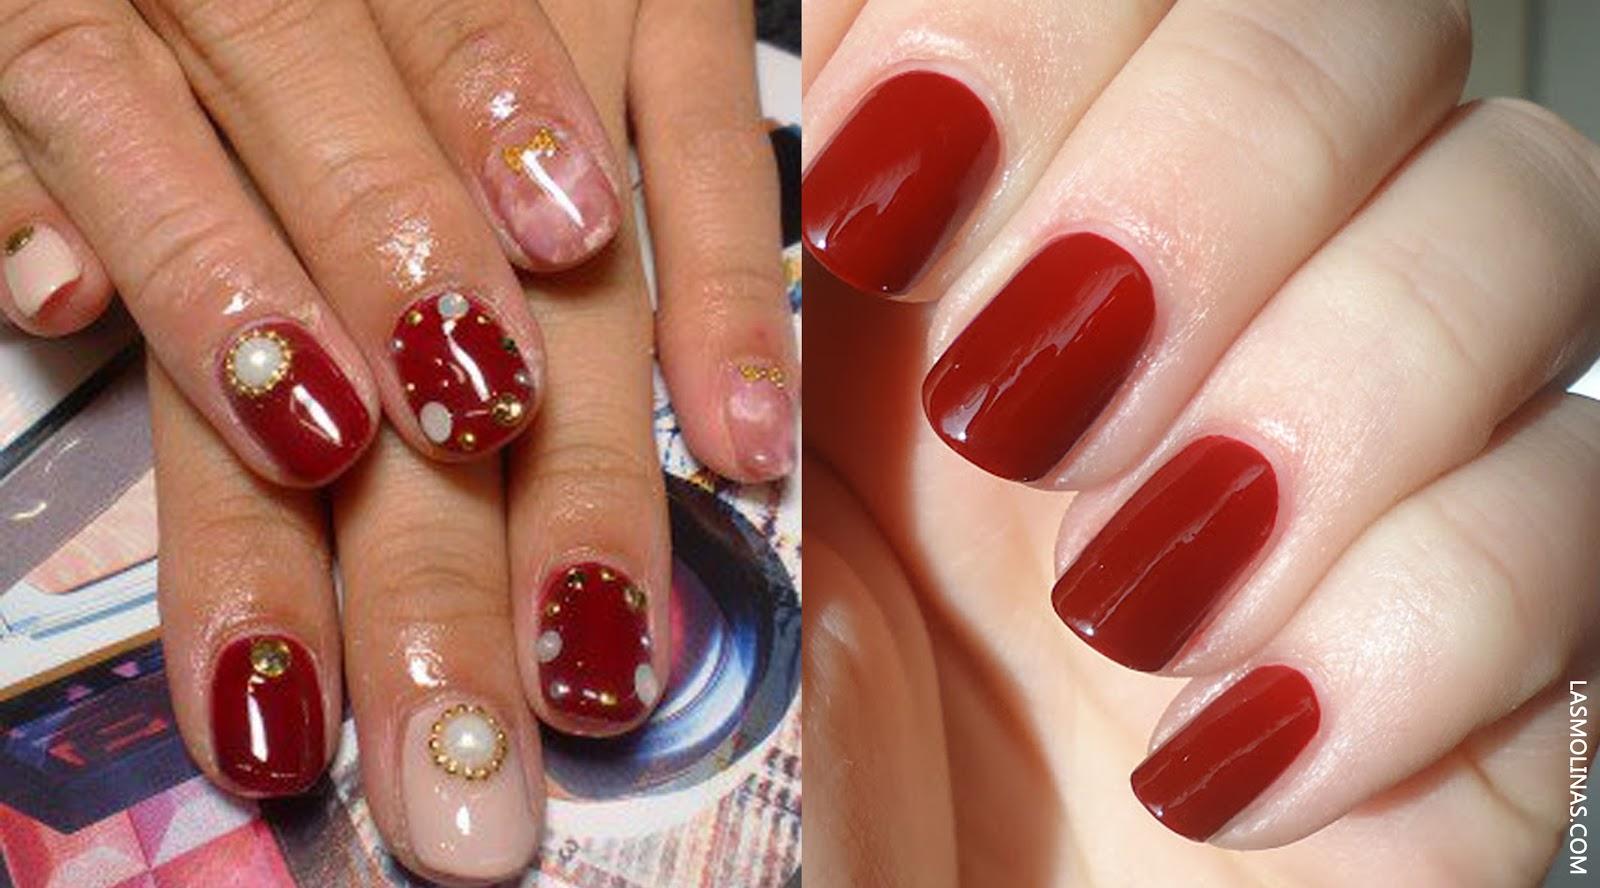 Esmalte de uñas STUDIO MAKEUP en tonalidades rojas ($5.50) encuéntralos en Almacenes Siman